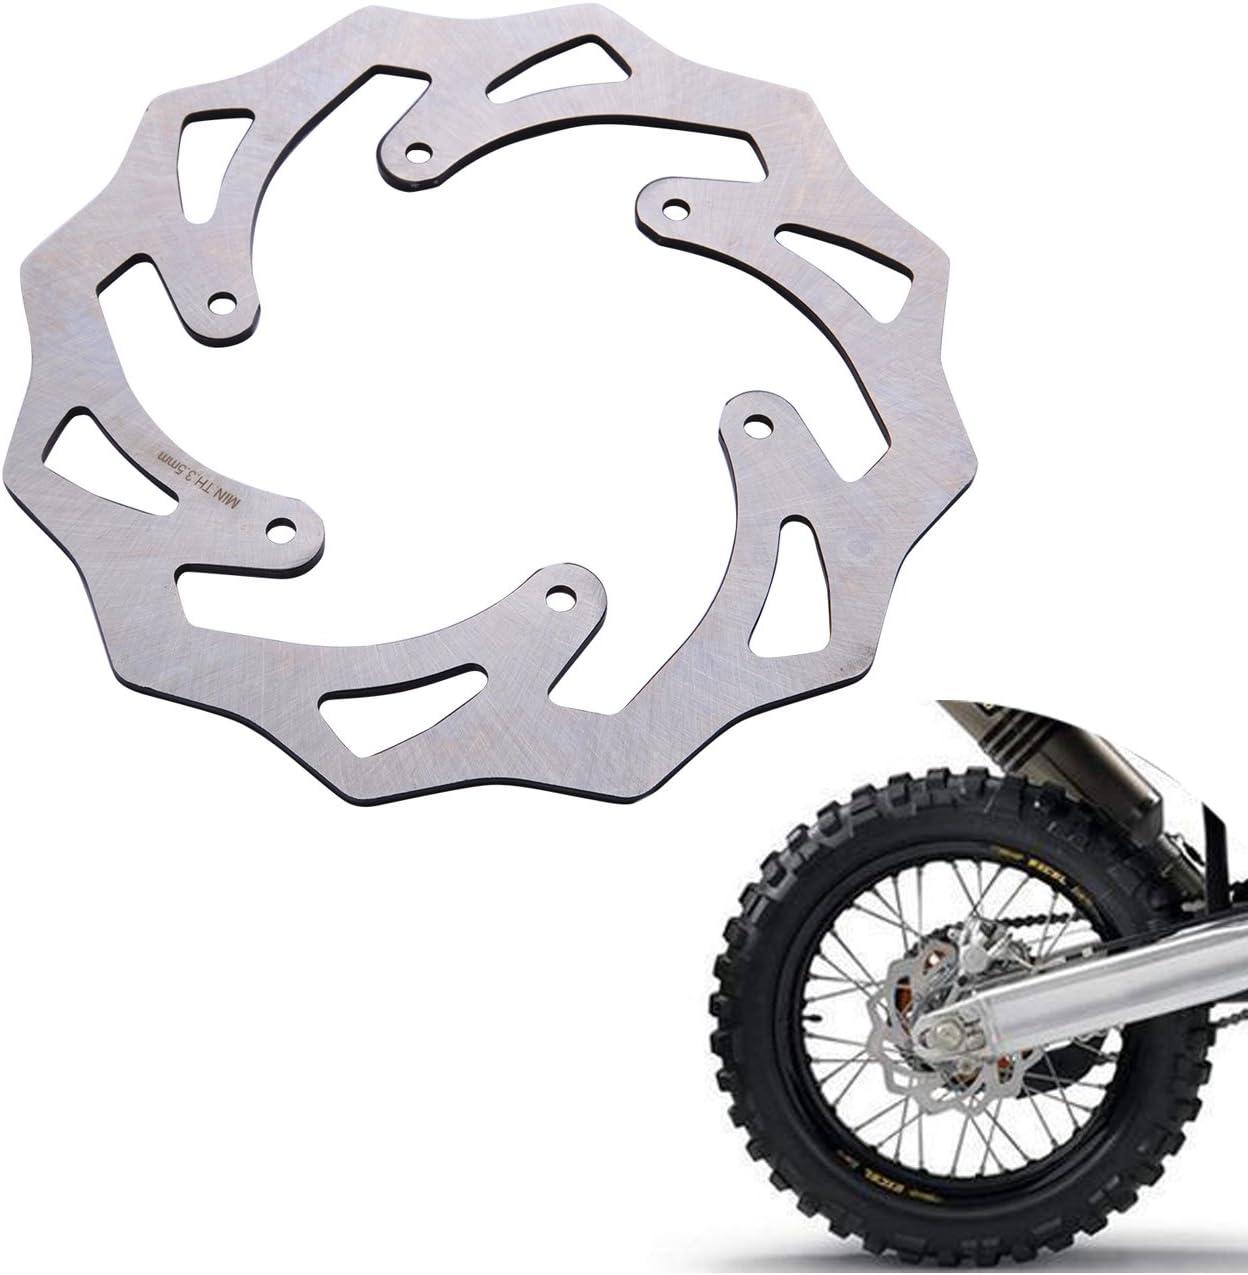 Samger Motorrad Bremsscheibe Hinten Für Exc Sx Sxf Modelle 2003 2012 Auto